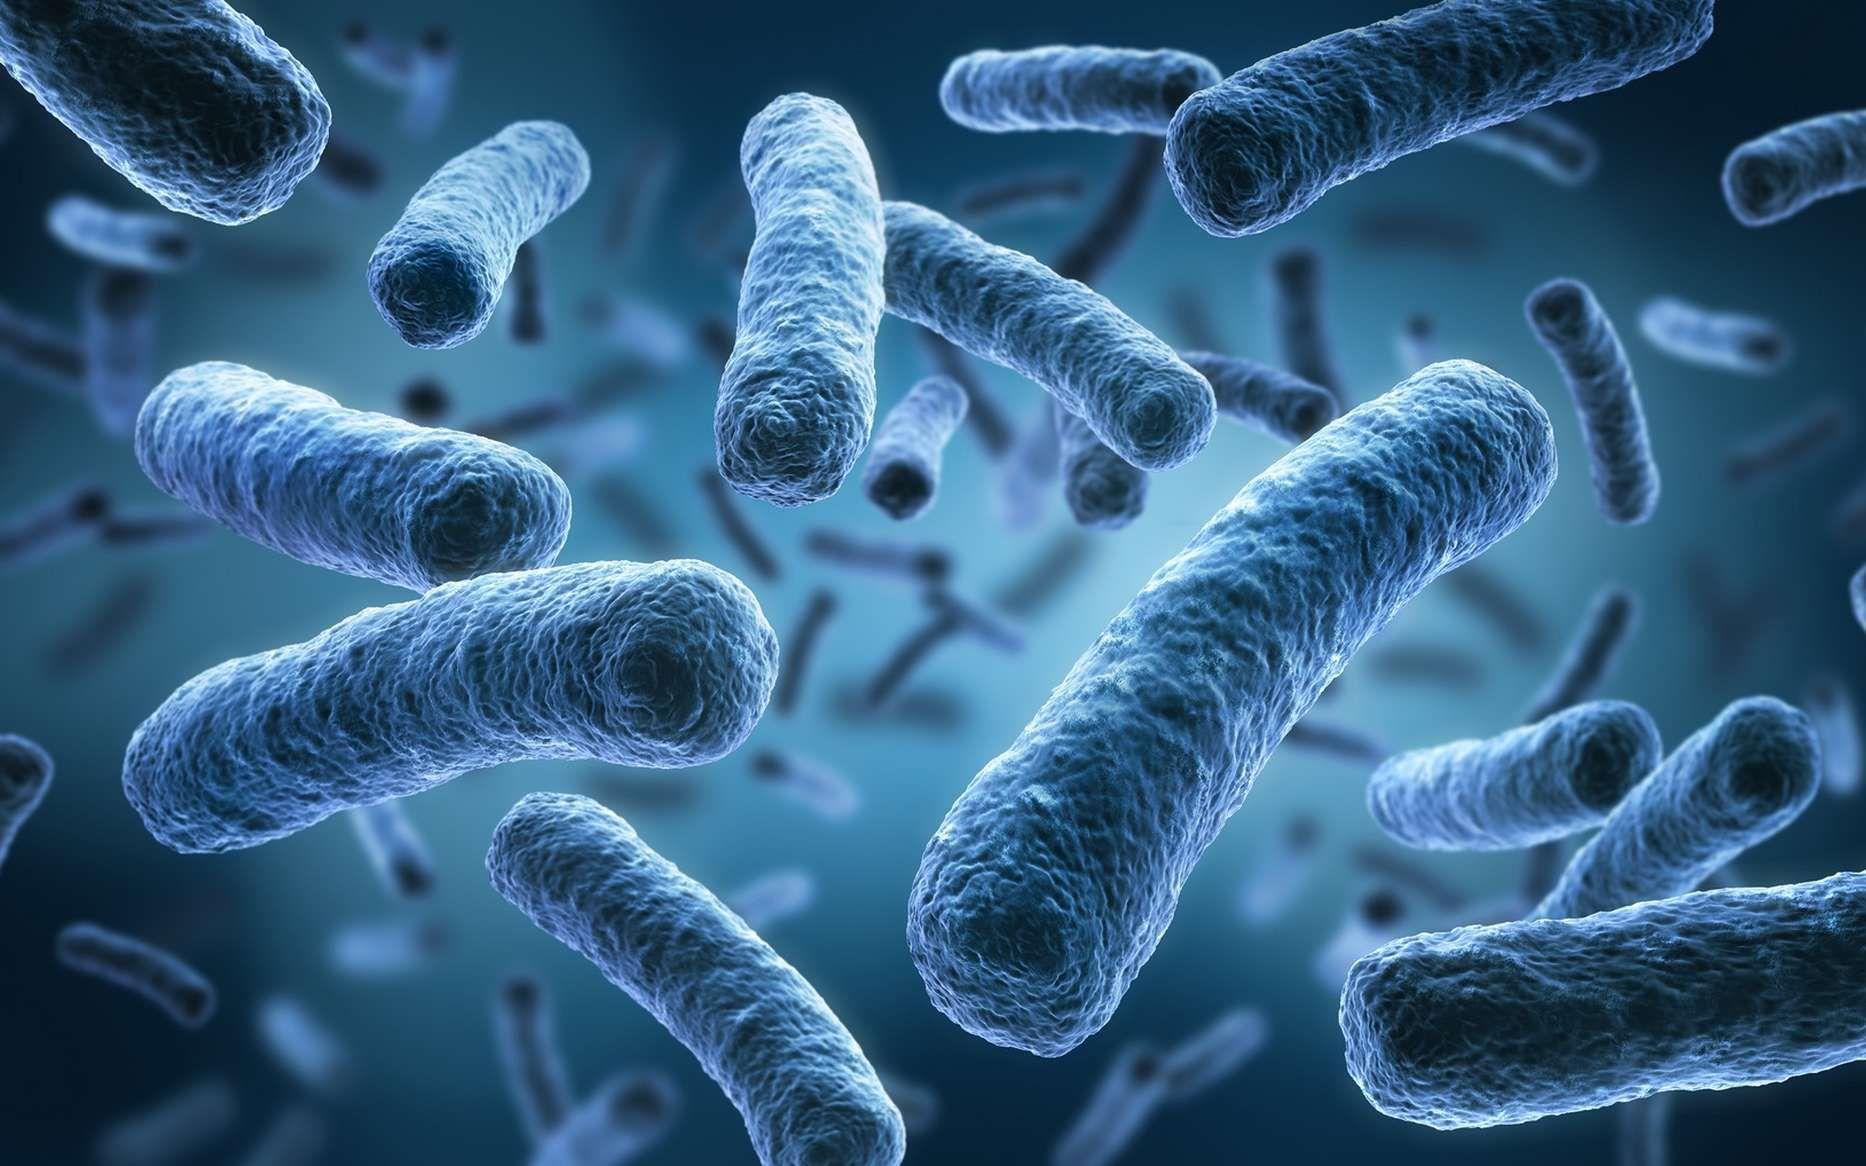 باکتری Veilonella شما را یک قهرمان دو ماراتون میکند!